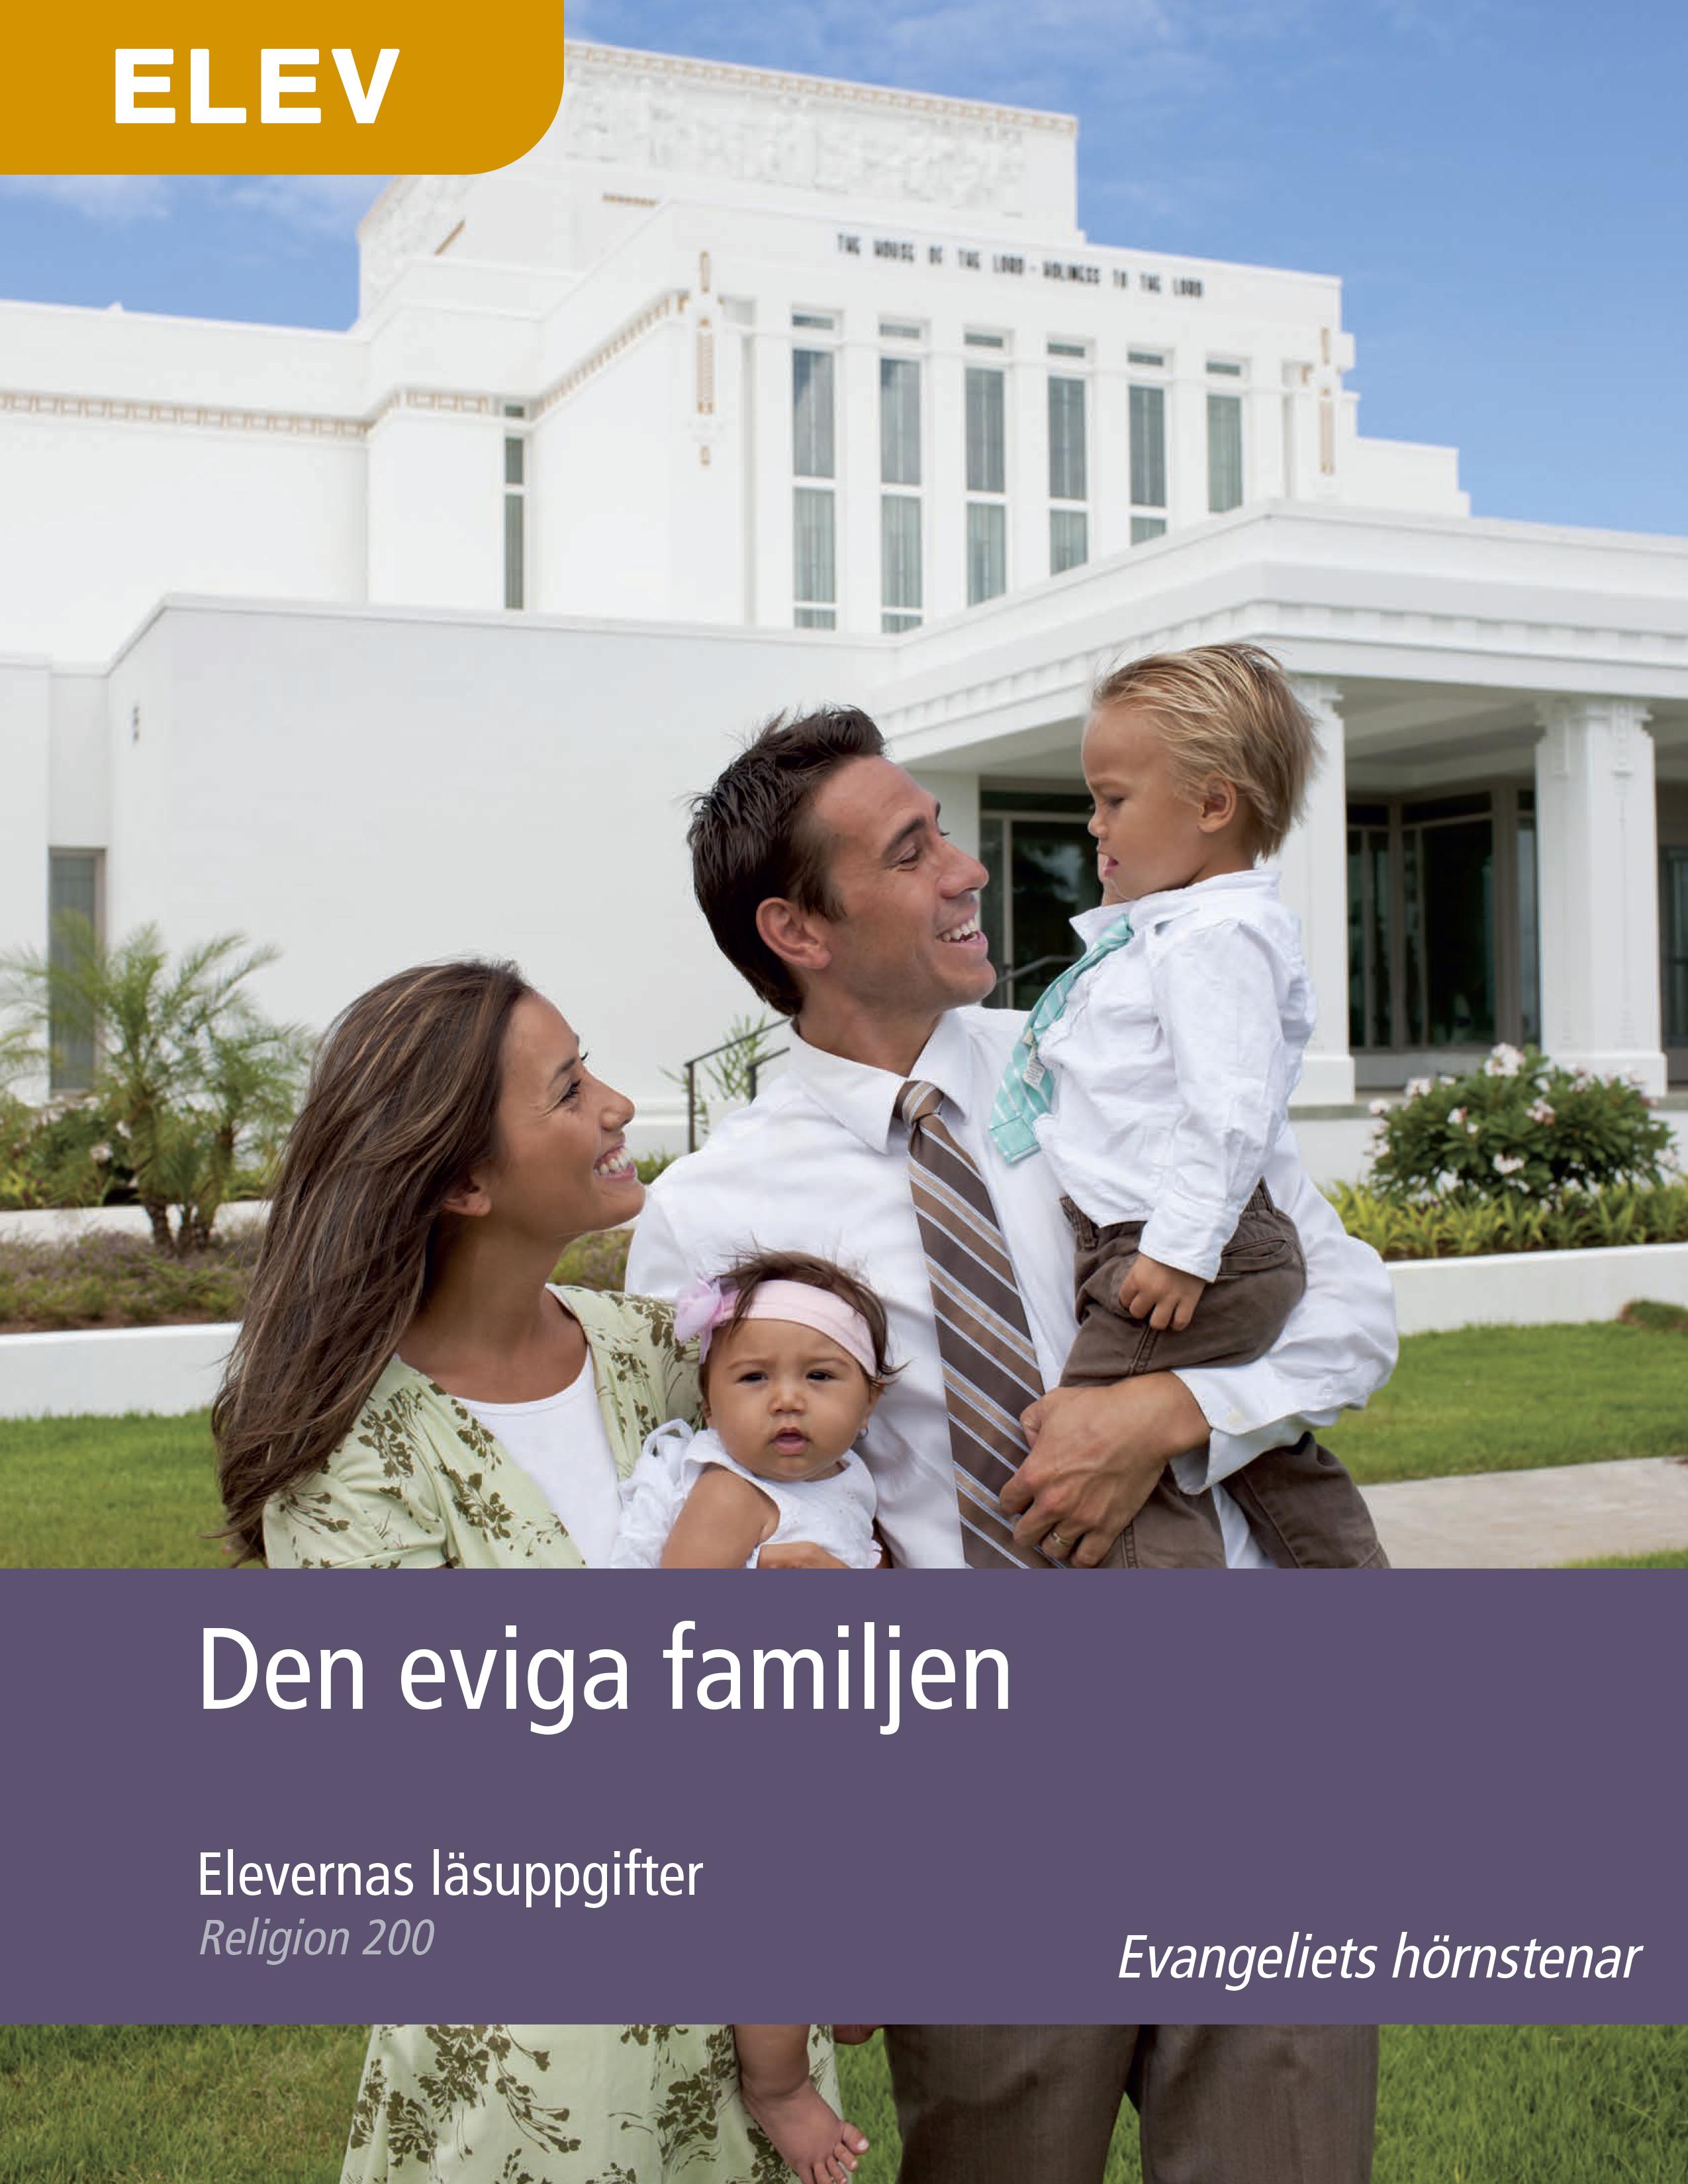 Den eviga familjen – Elevernas läsuppgifter (Rel 200)